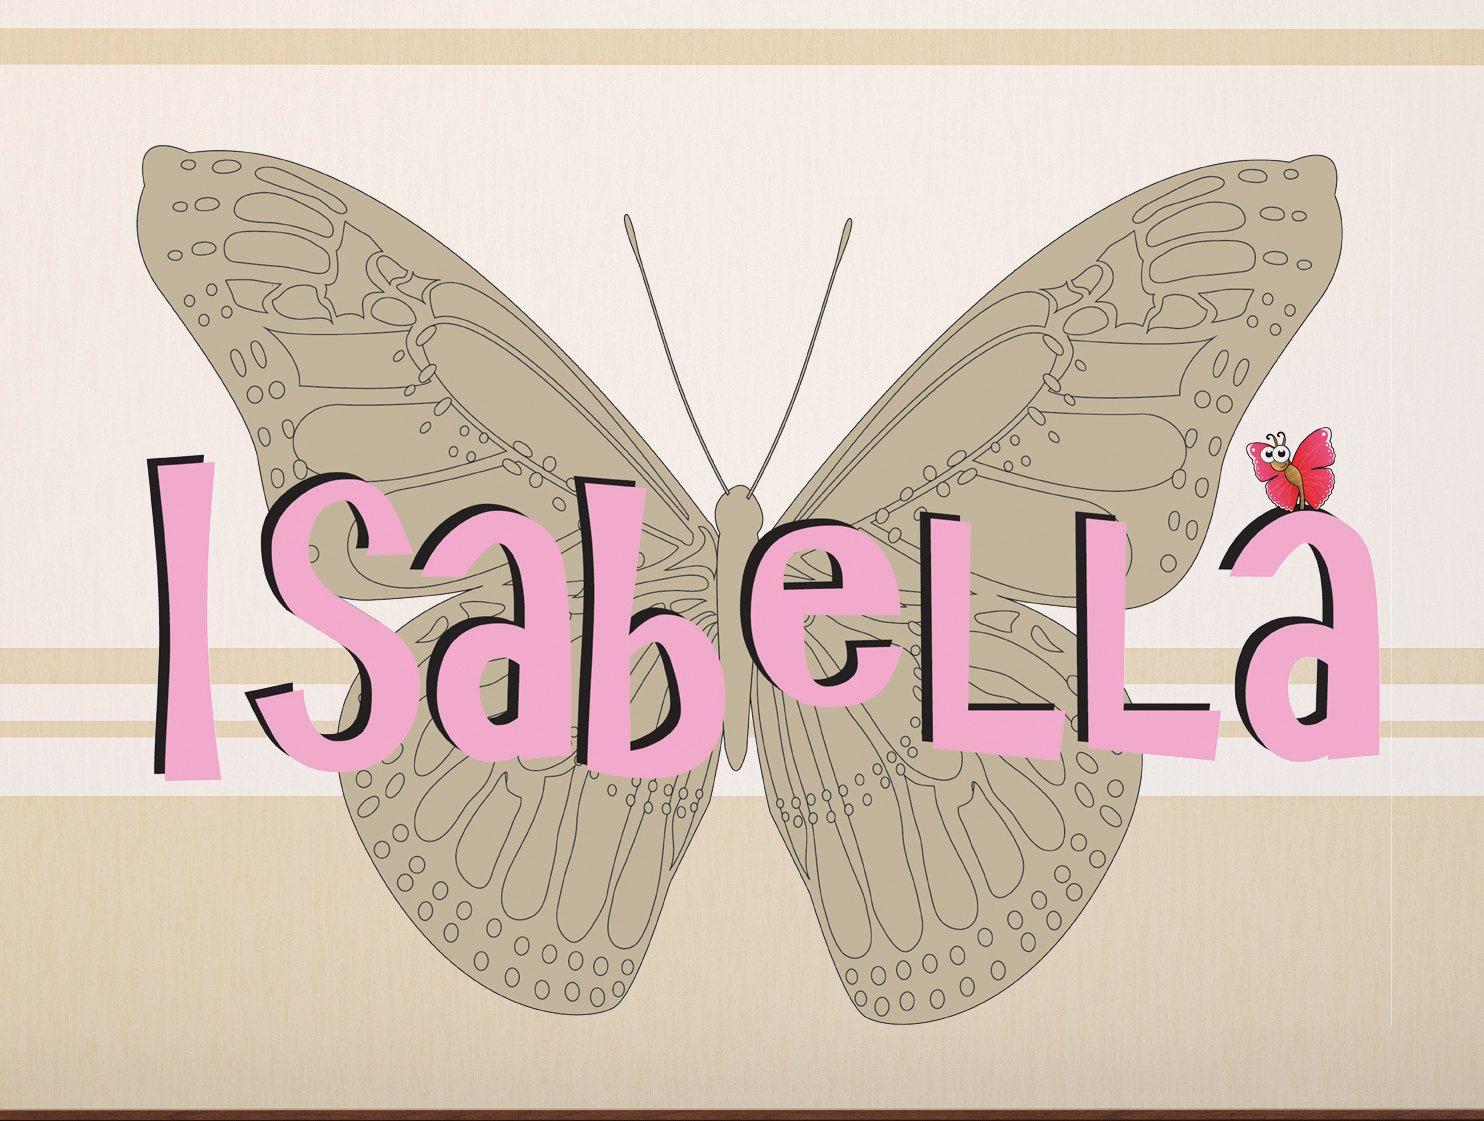 """Girl Personalized Name on big butterfly, High Quality Removable Wall decals Monogram 22""""H x 32""""W  Nom de fille personnalisé sur grand papillon, vinyle haute qualité 22""""H x 32""""Large, Art Mural G14013"""